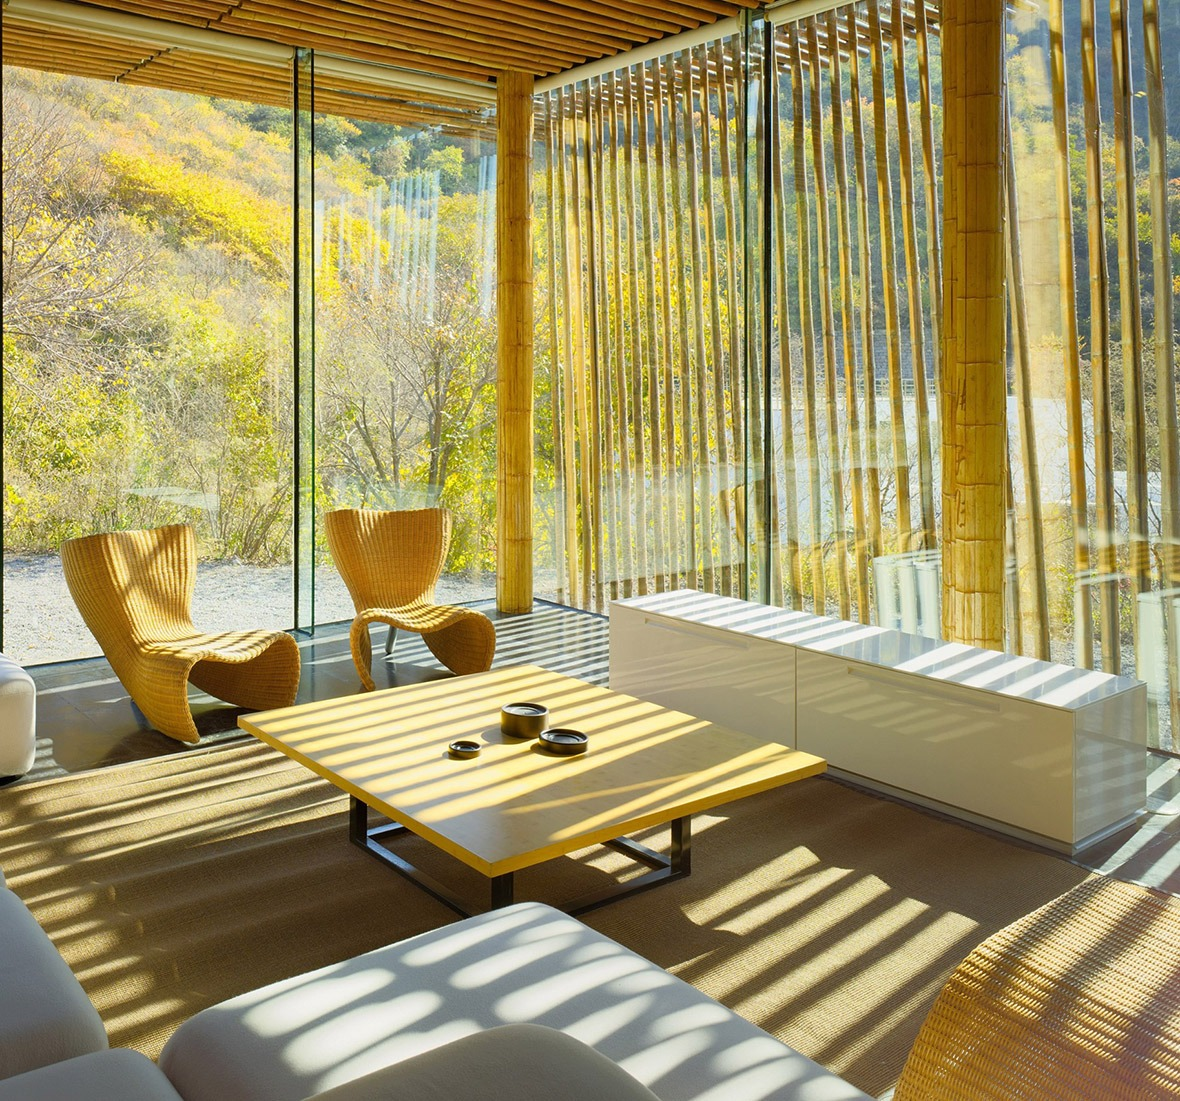 「長城腳下的公社」是中國旅遊熱點,身處竹屋,光線伴隨太陽升降,從不同位置穿透屋內,每分每秒都是獨特光景。(圖片來源:人民視覺)